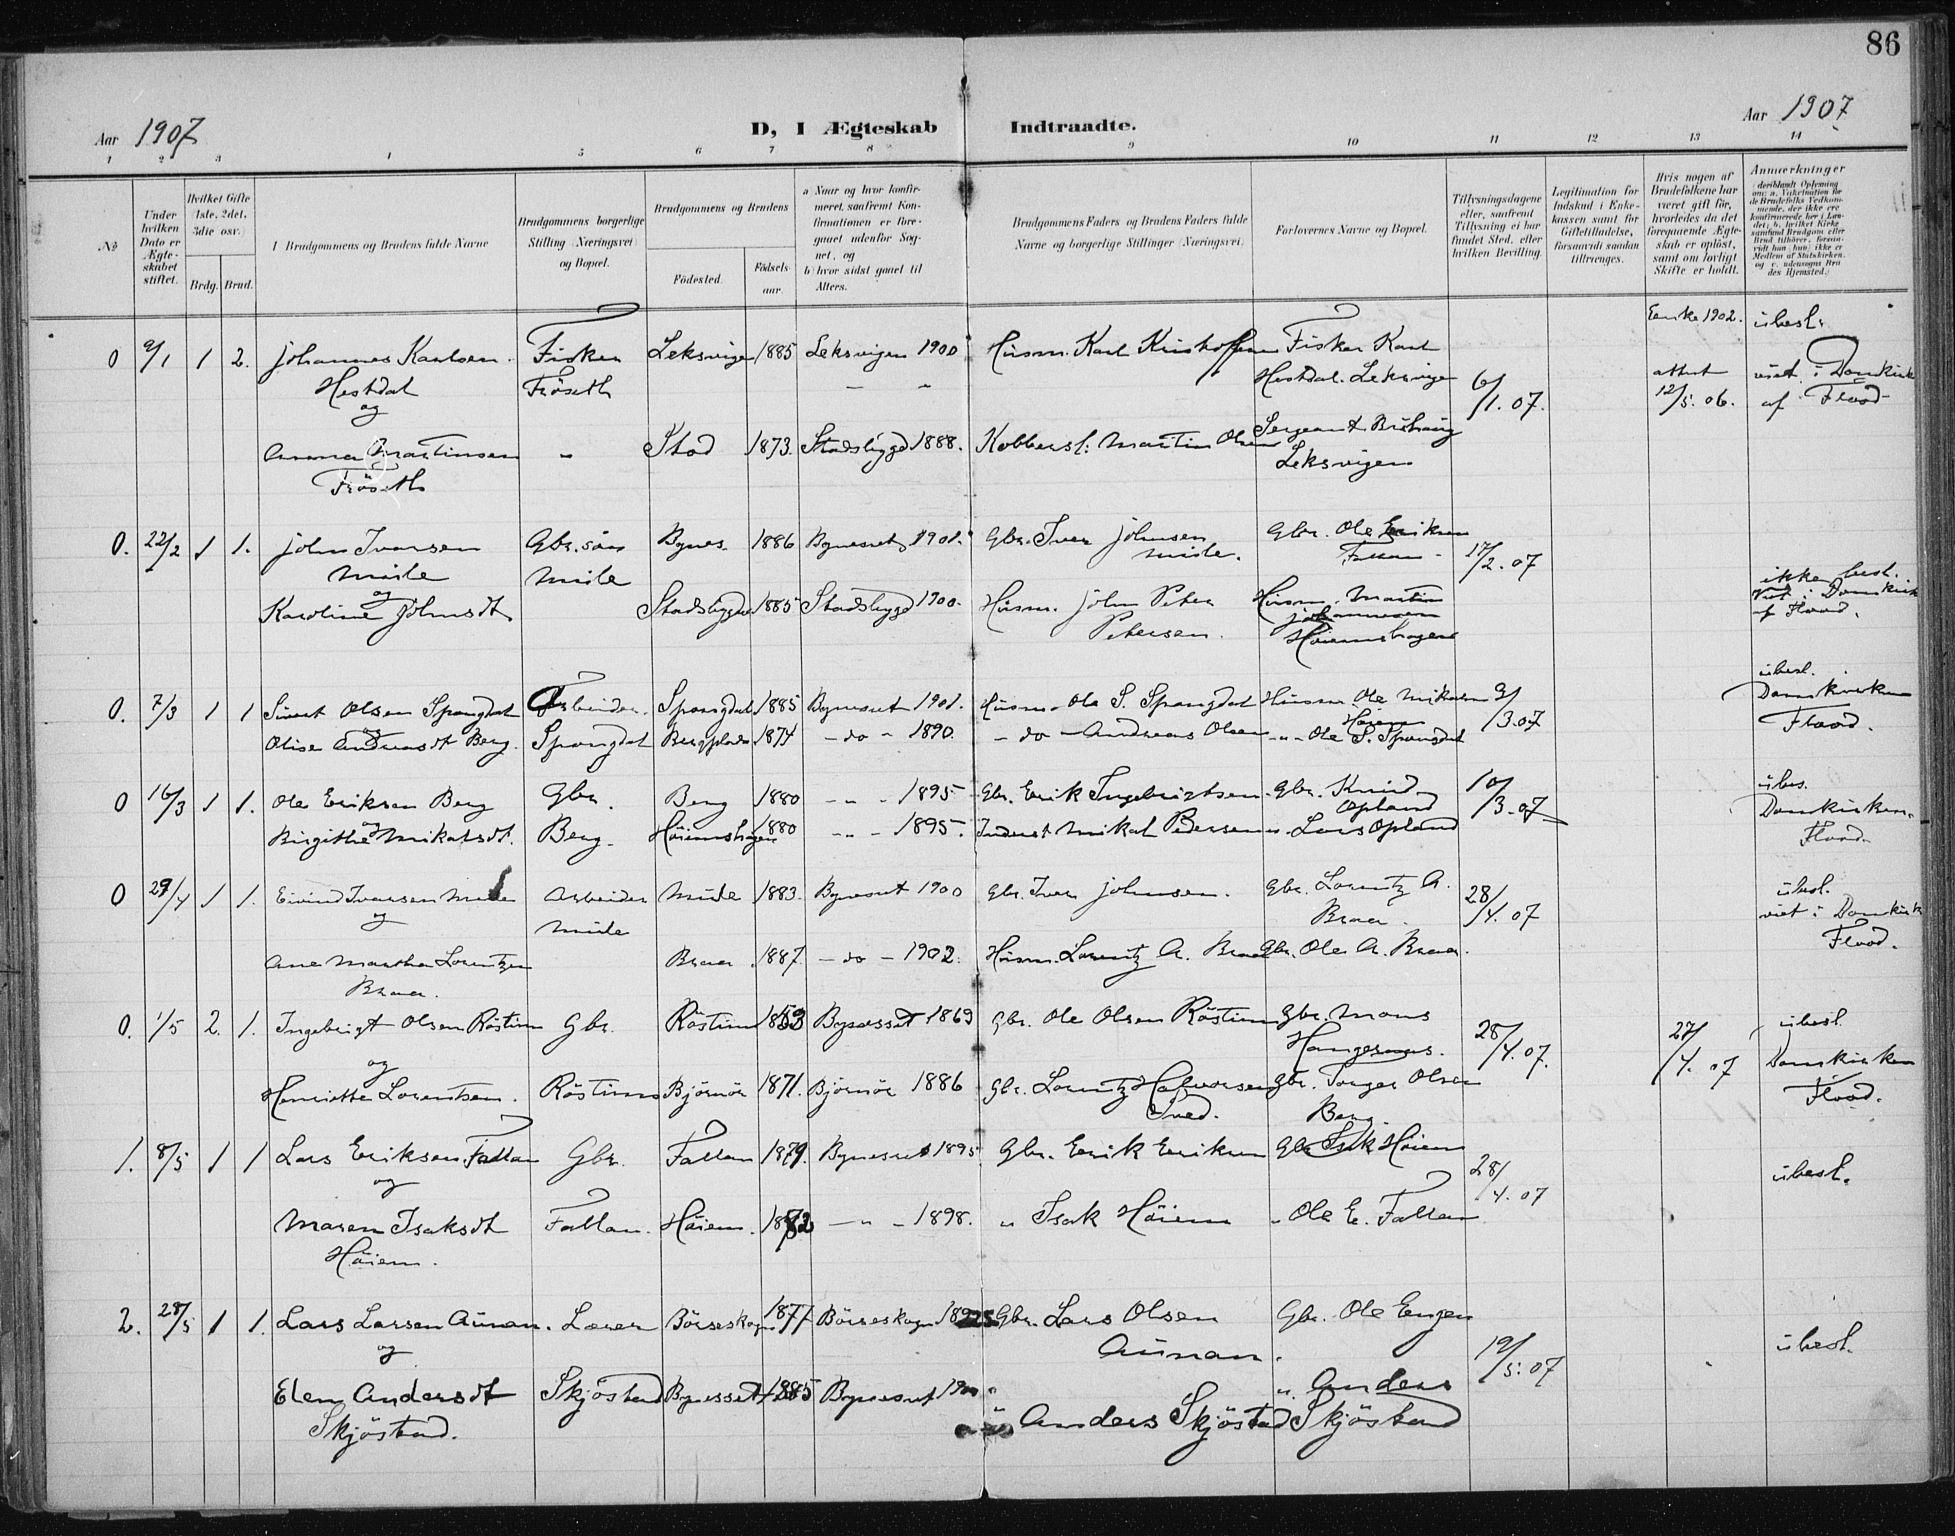 SAT, Ministerialprotokoller, klokkerbøker og fødselsregistre - Sør-Trøndelag, 612/L0380: Ministerialbok nr. 612A12, 1898-1907, s. 86